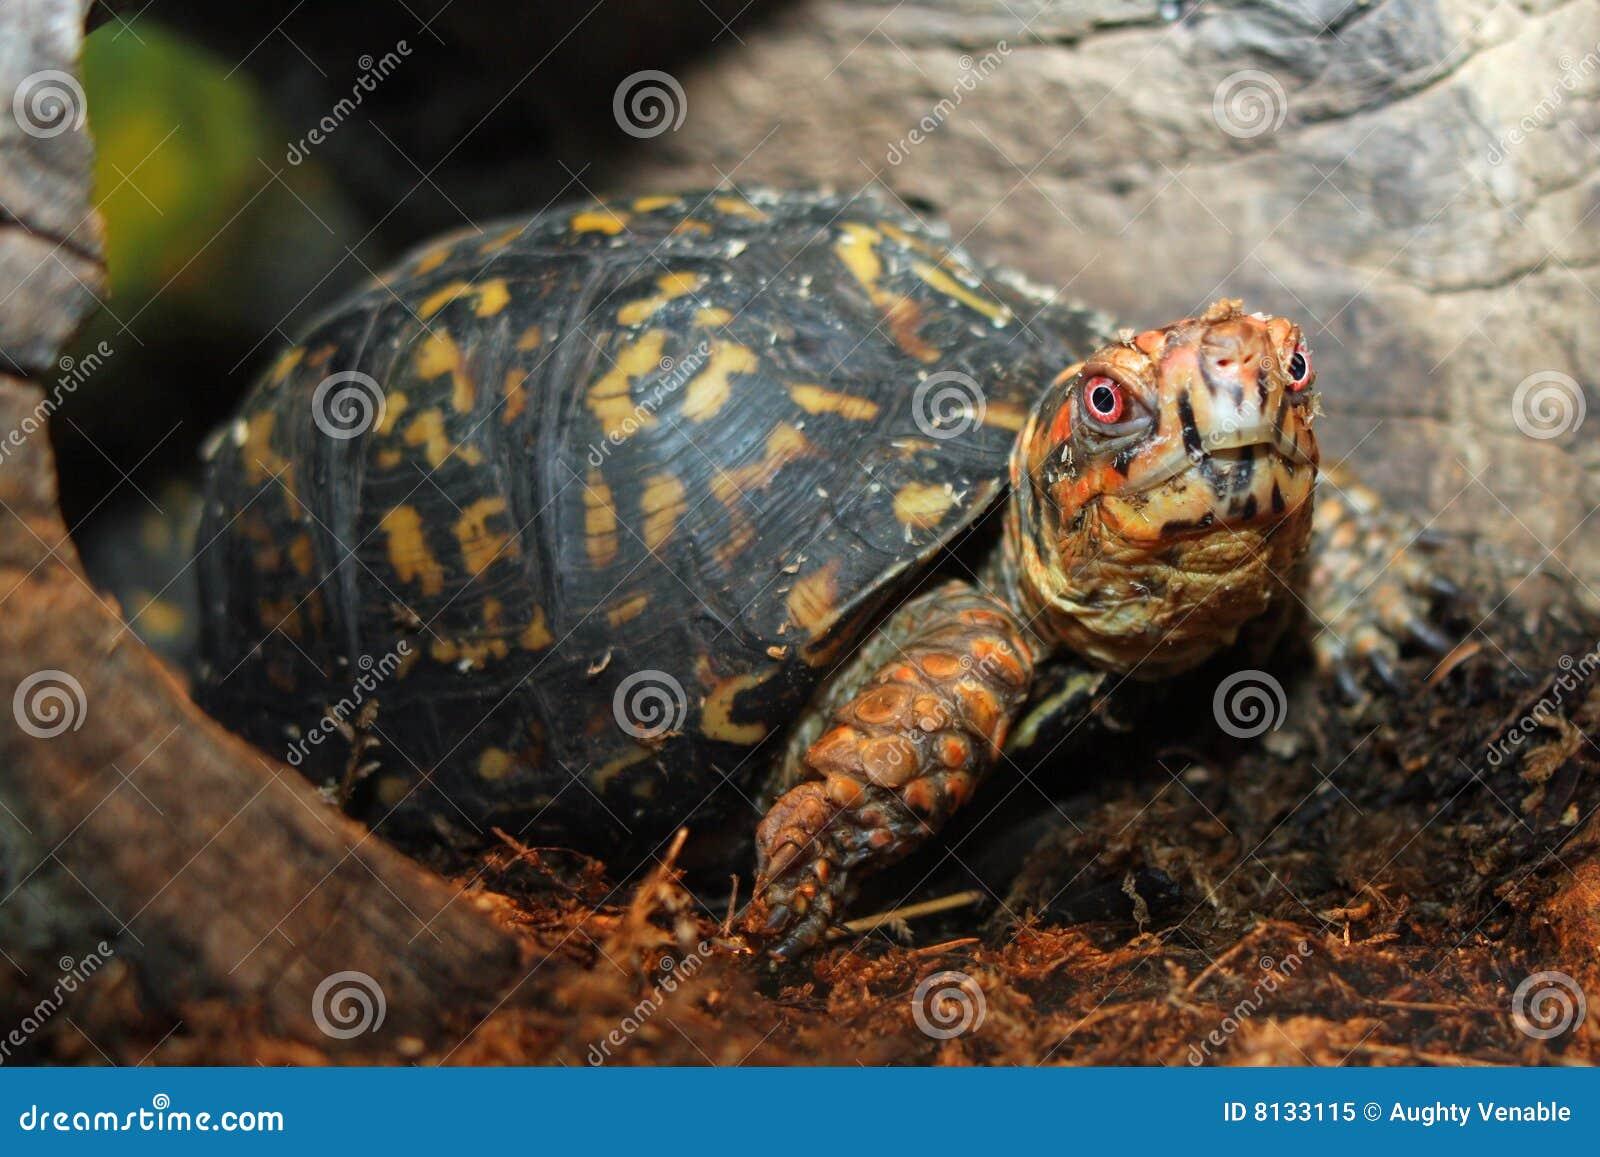 Östliche Kasten-Schildkröte